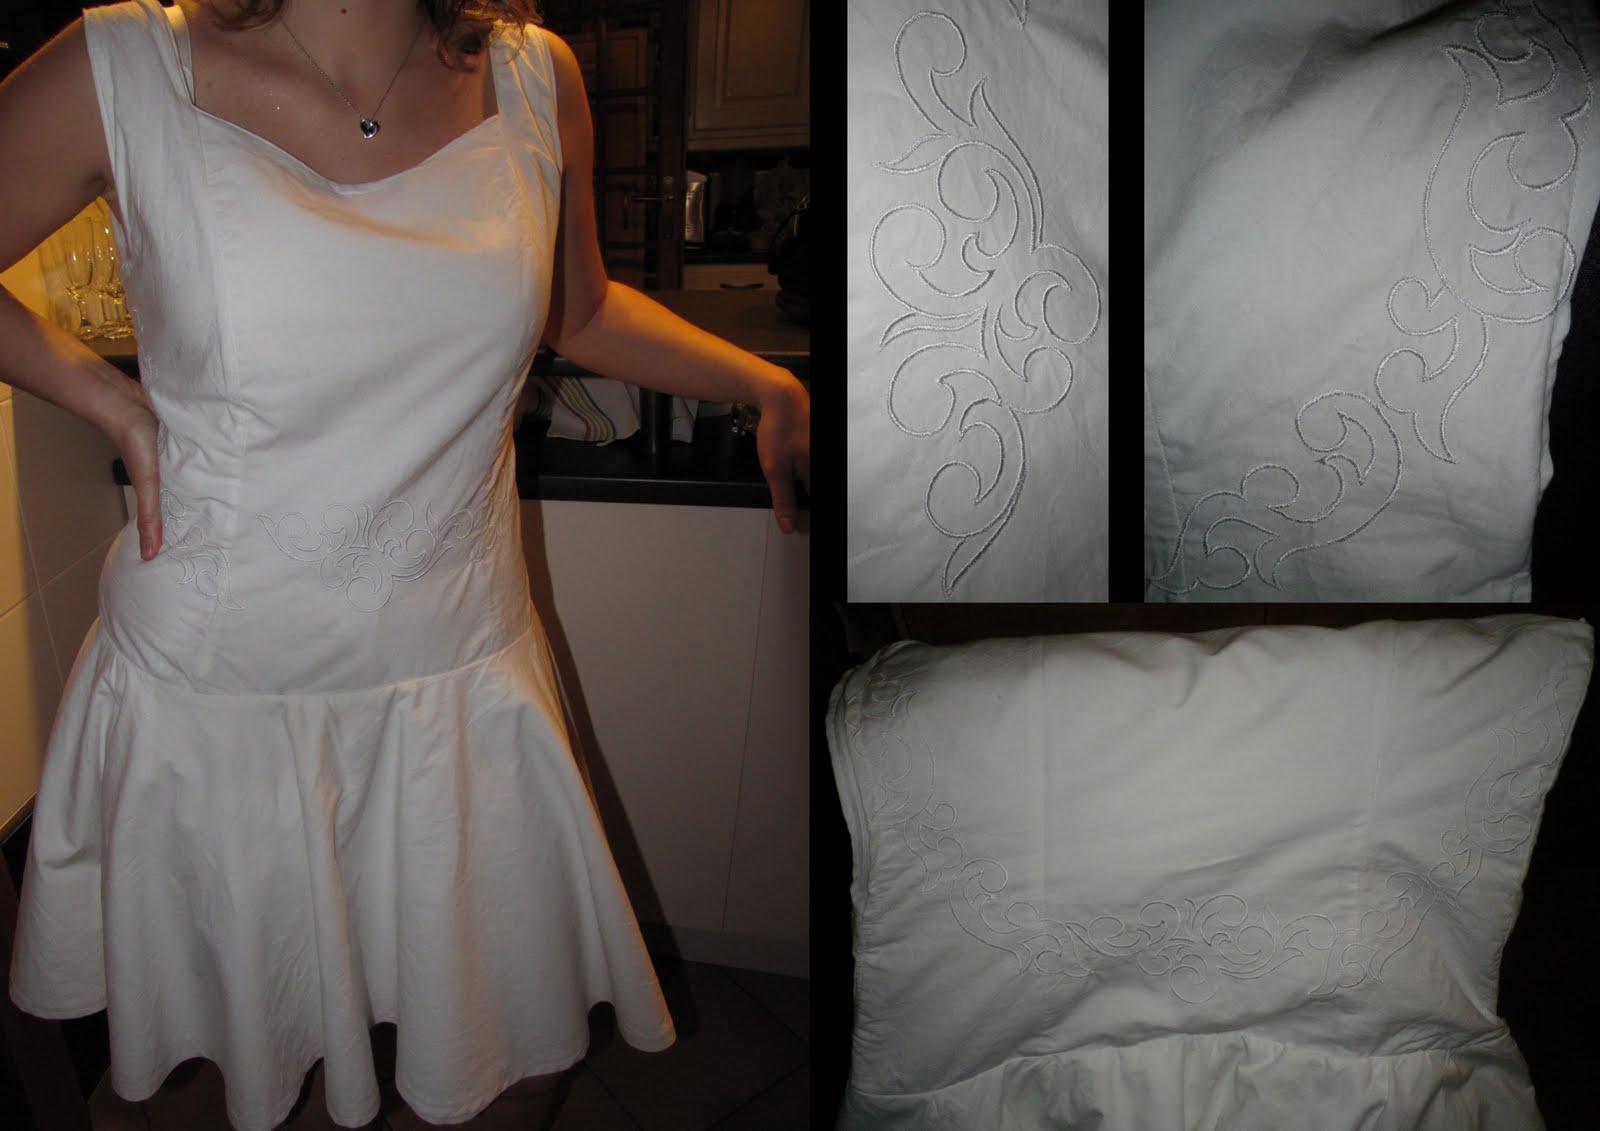 les bricol 39 d 39 la tortue robe de dirty dancing. Black Bedroom Furniture Sets. Home Design Ideas